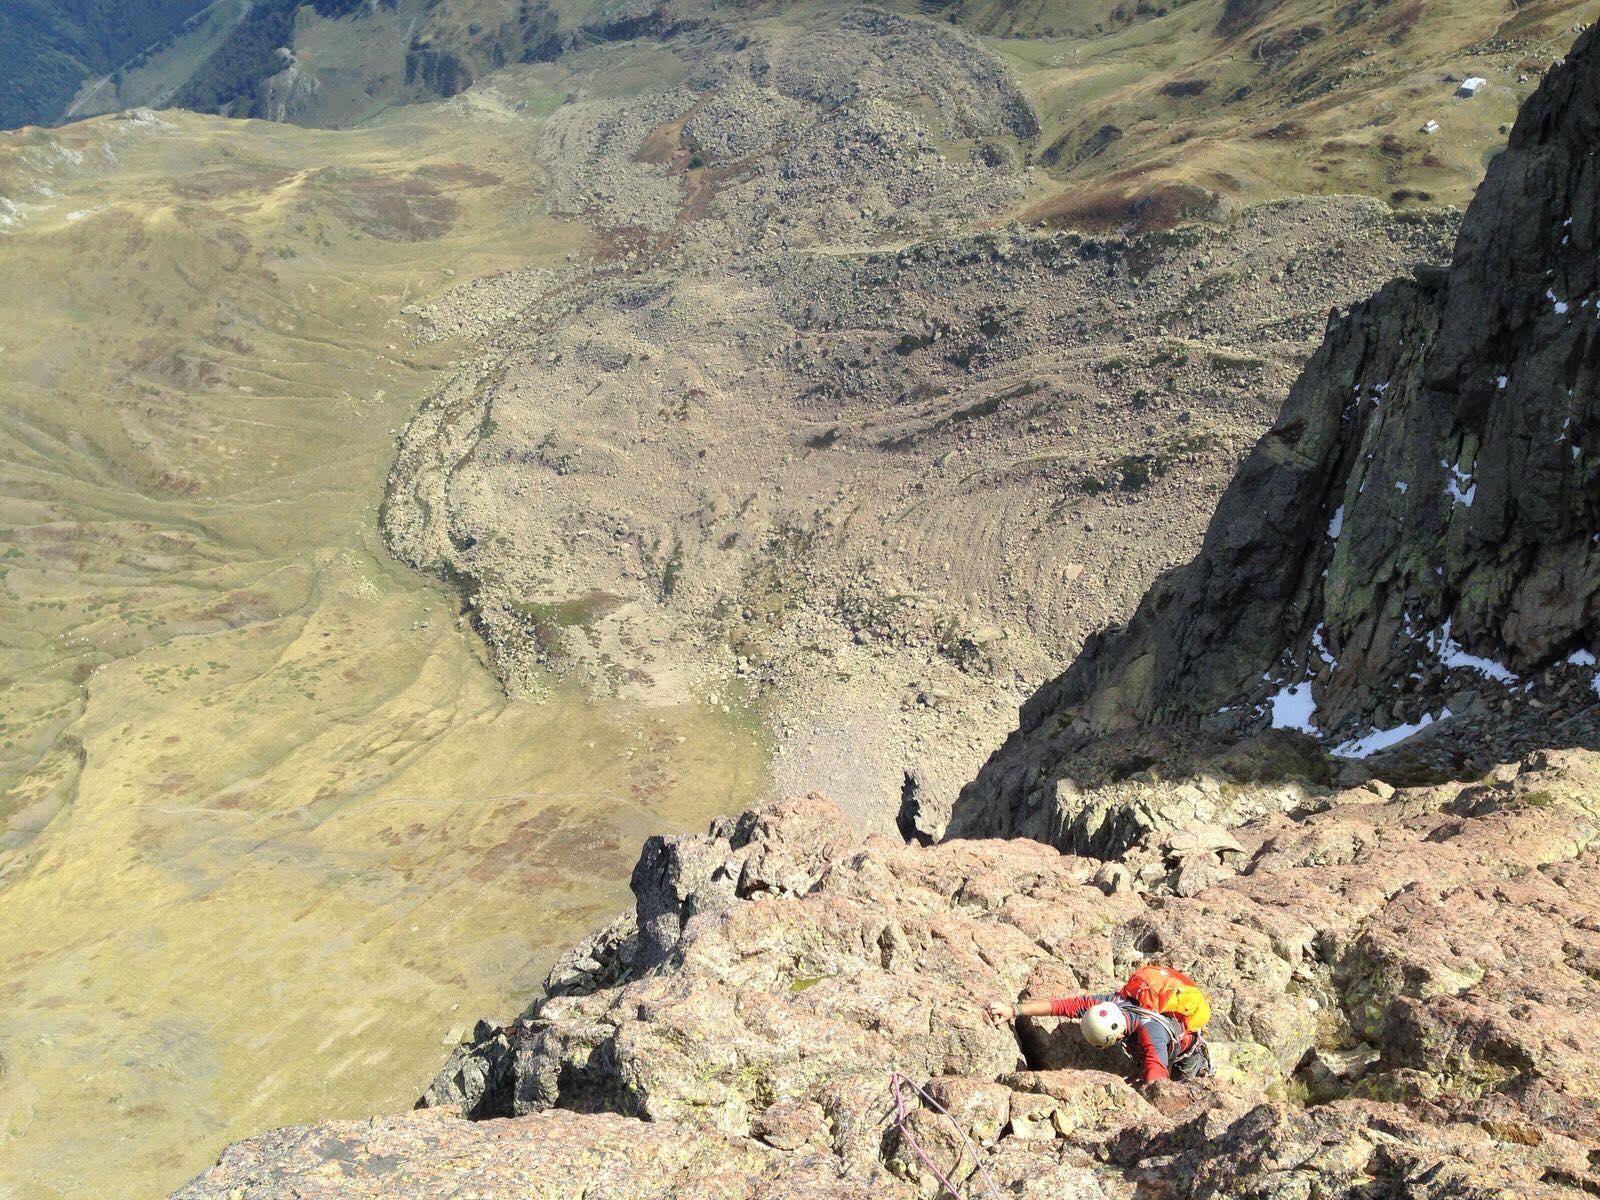 Escalade guidée classique à Torla-Ordesa et dans les Pyrénées